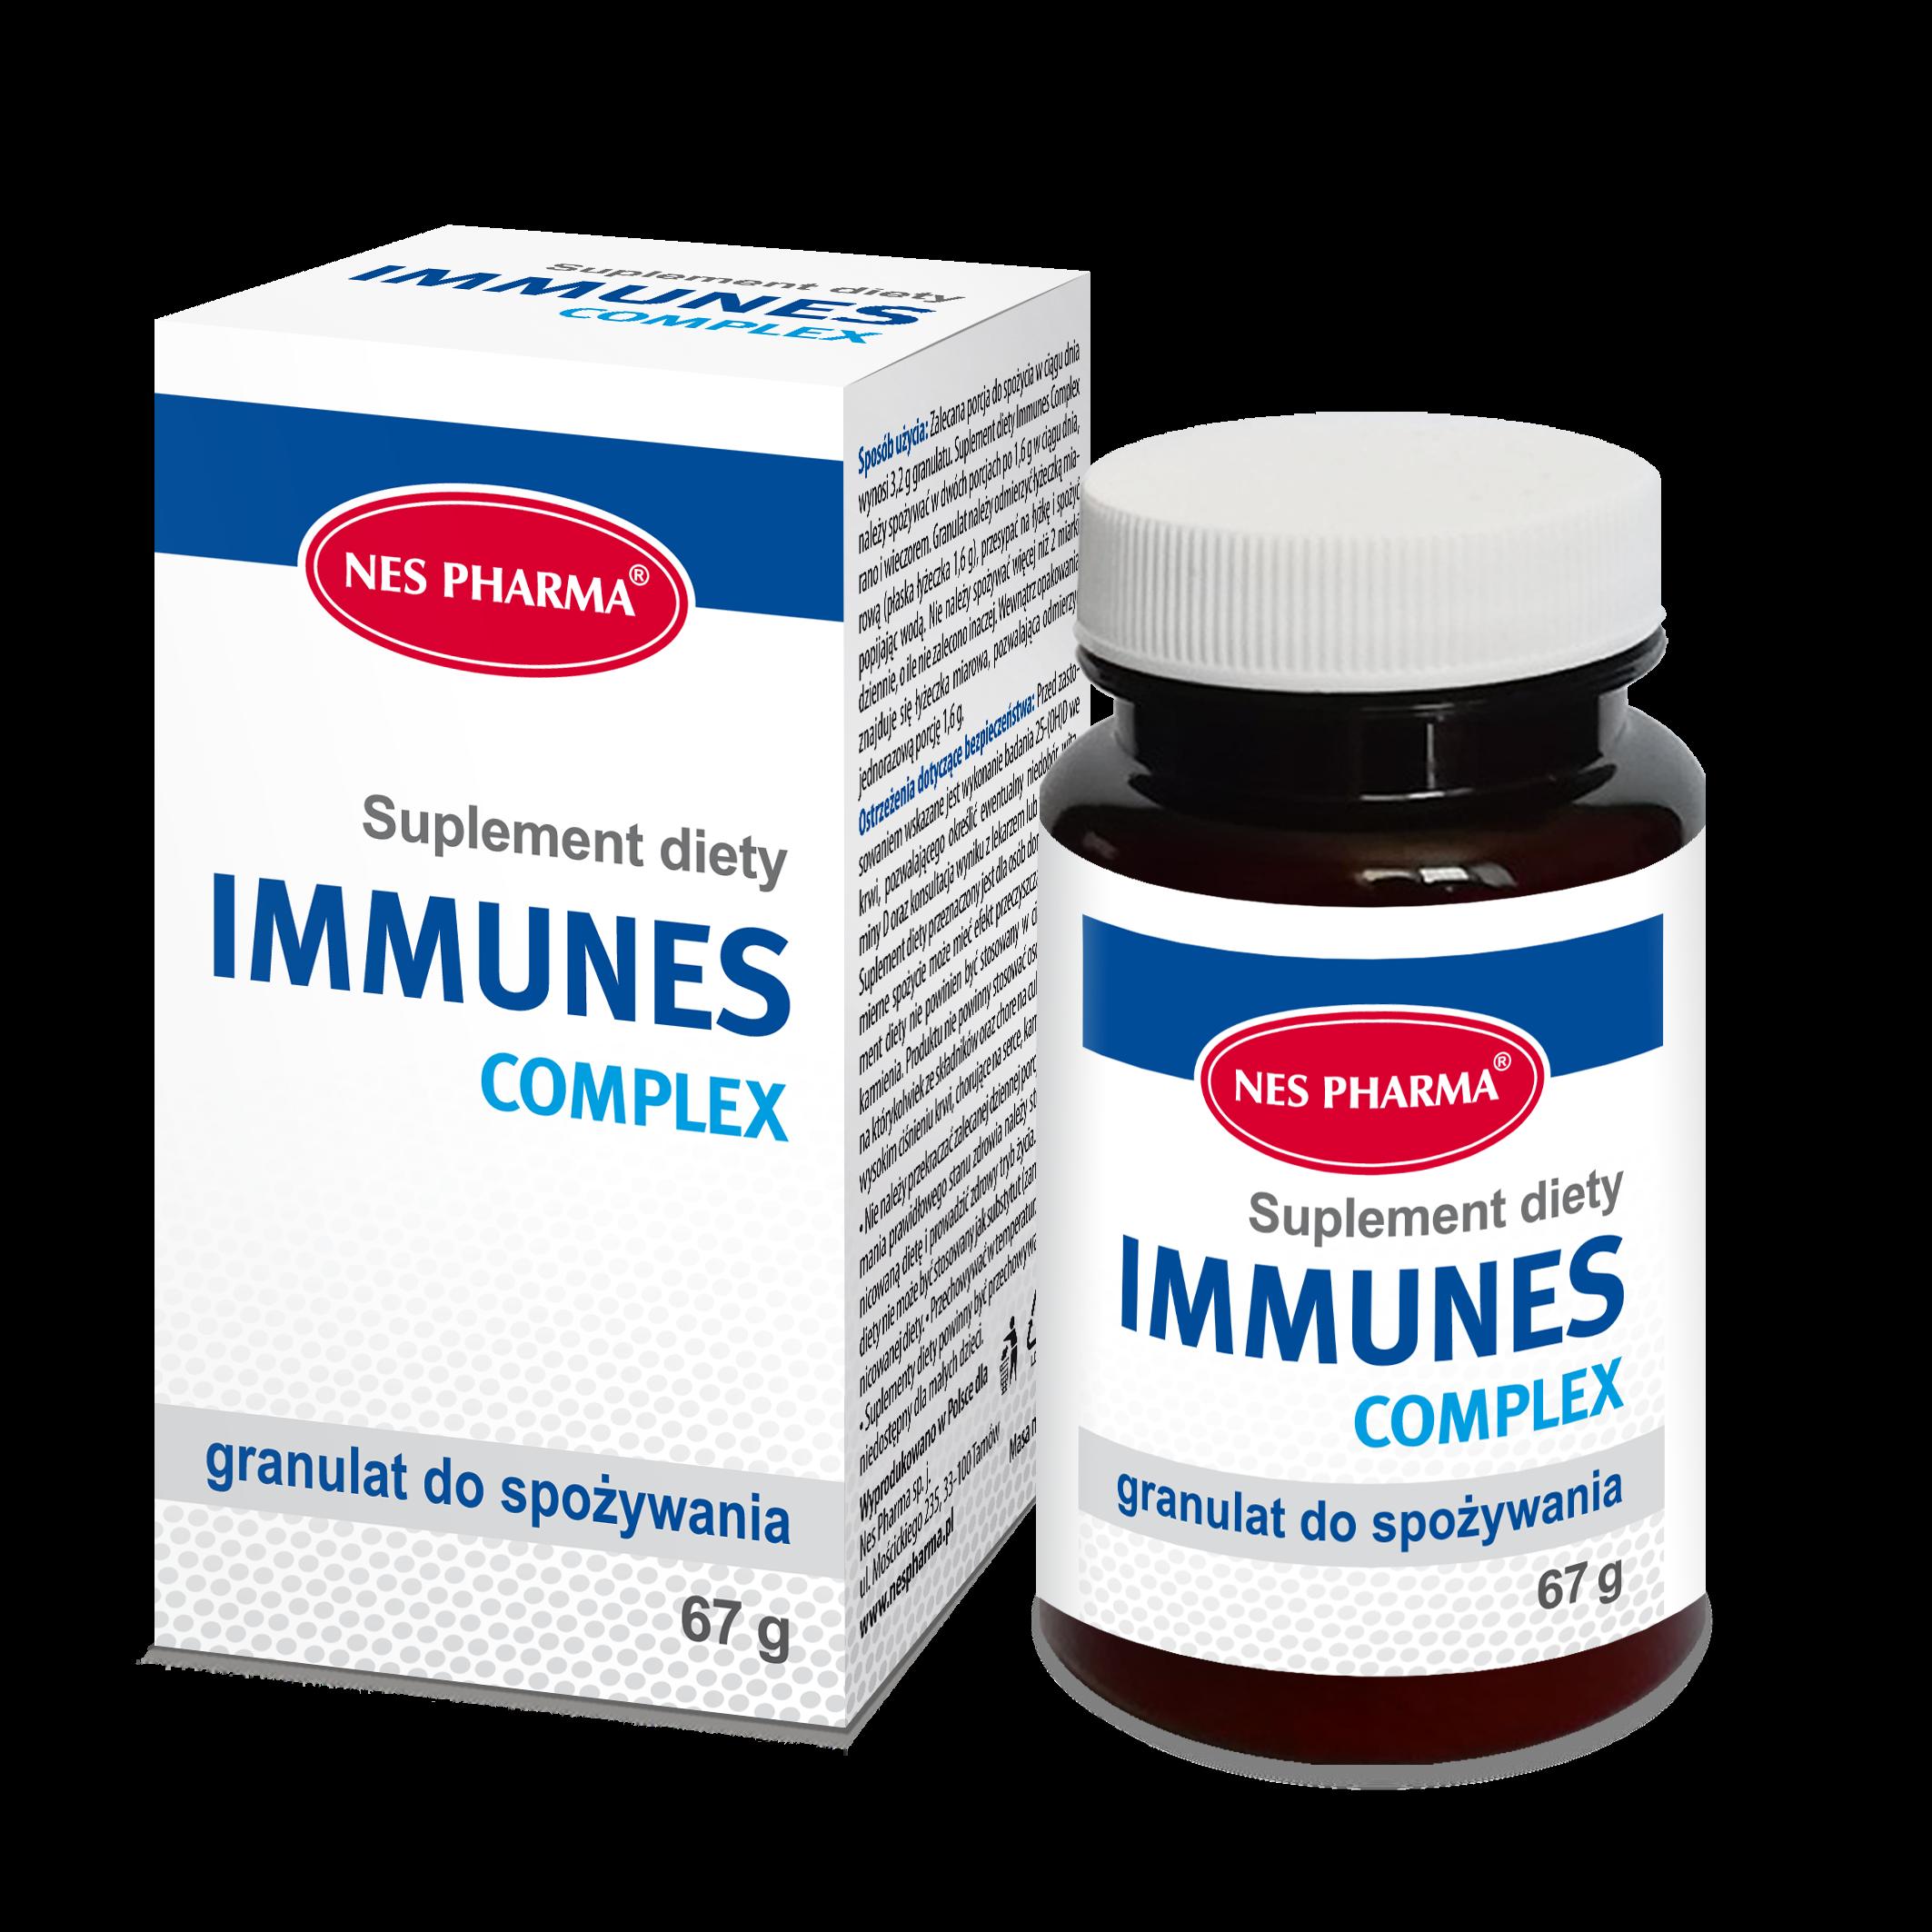 Immunes Complex